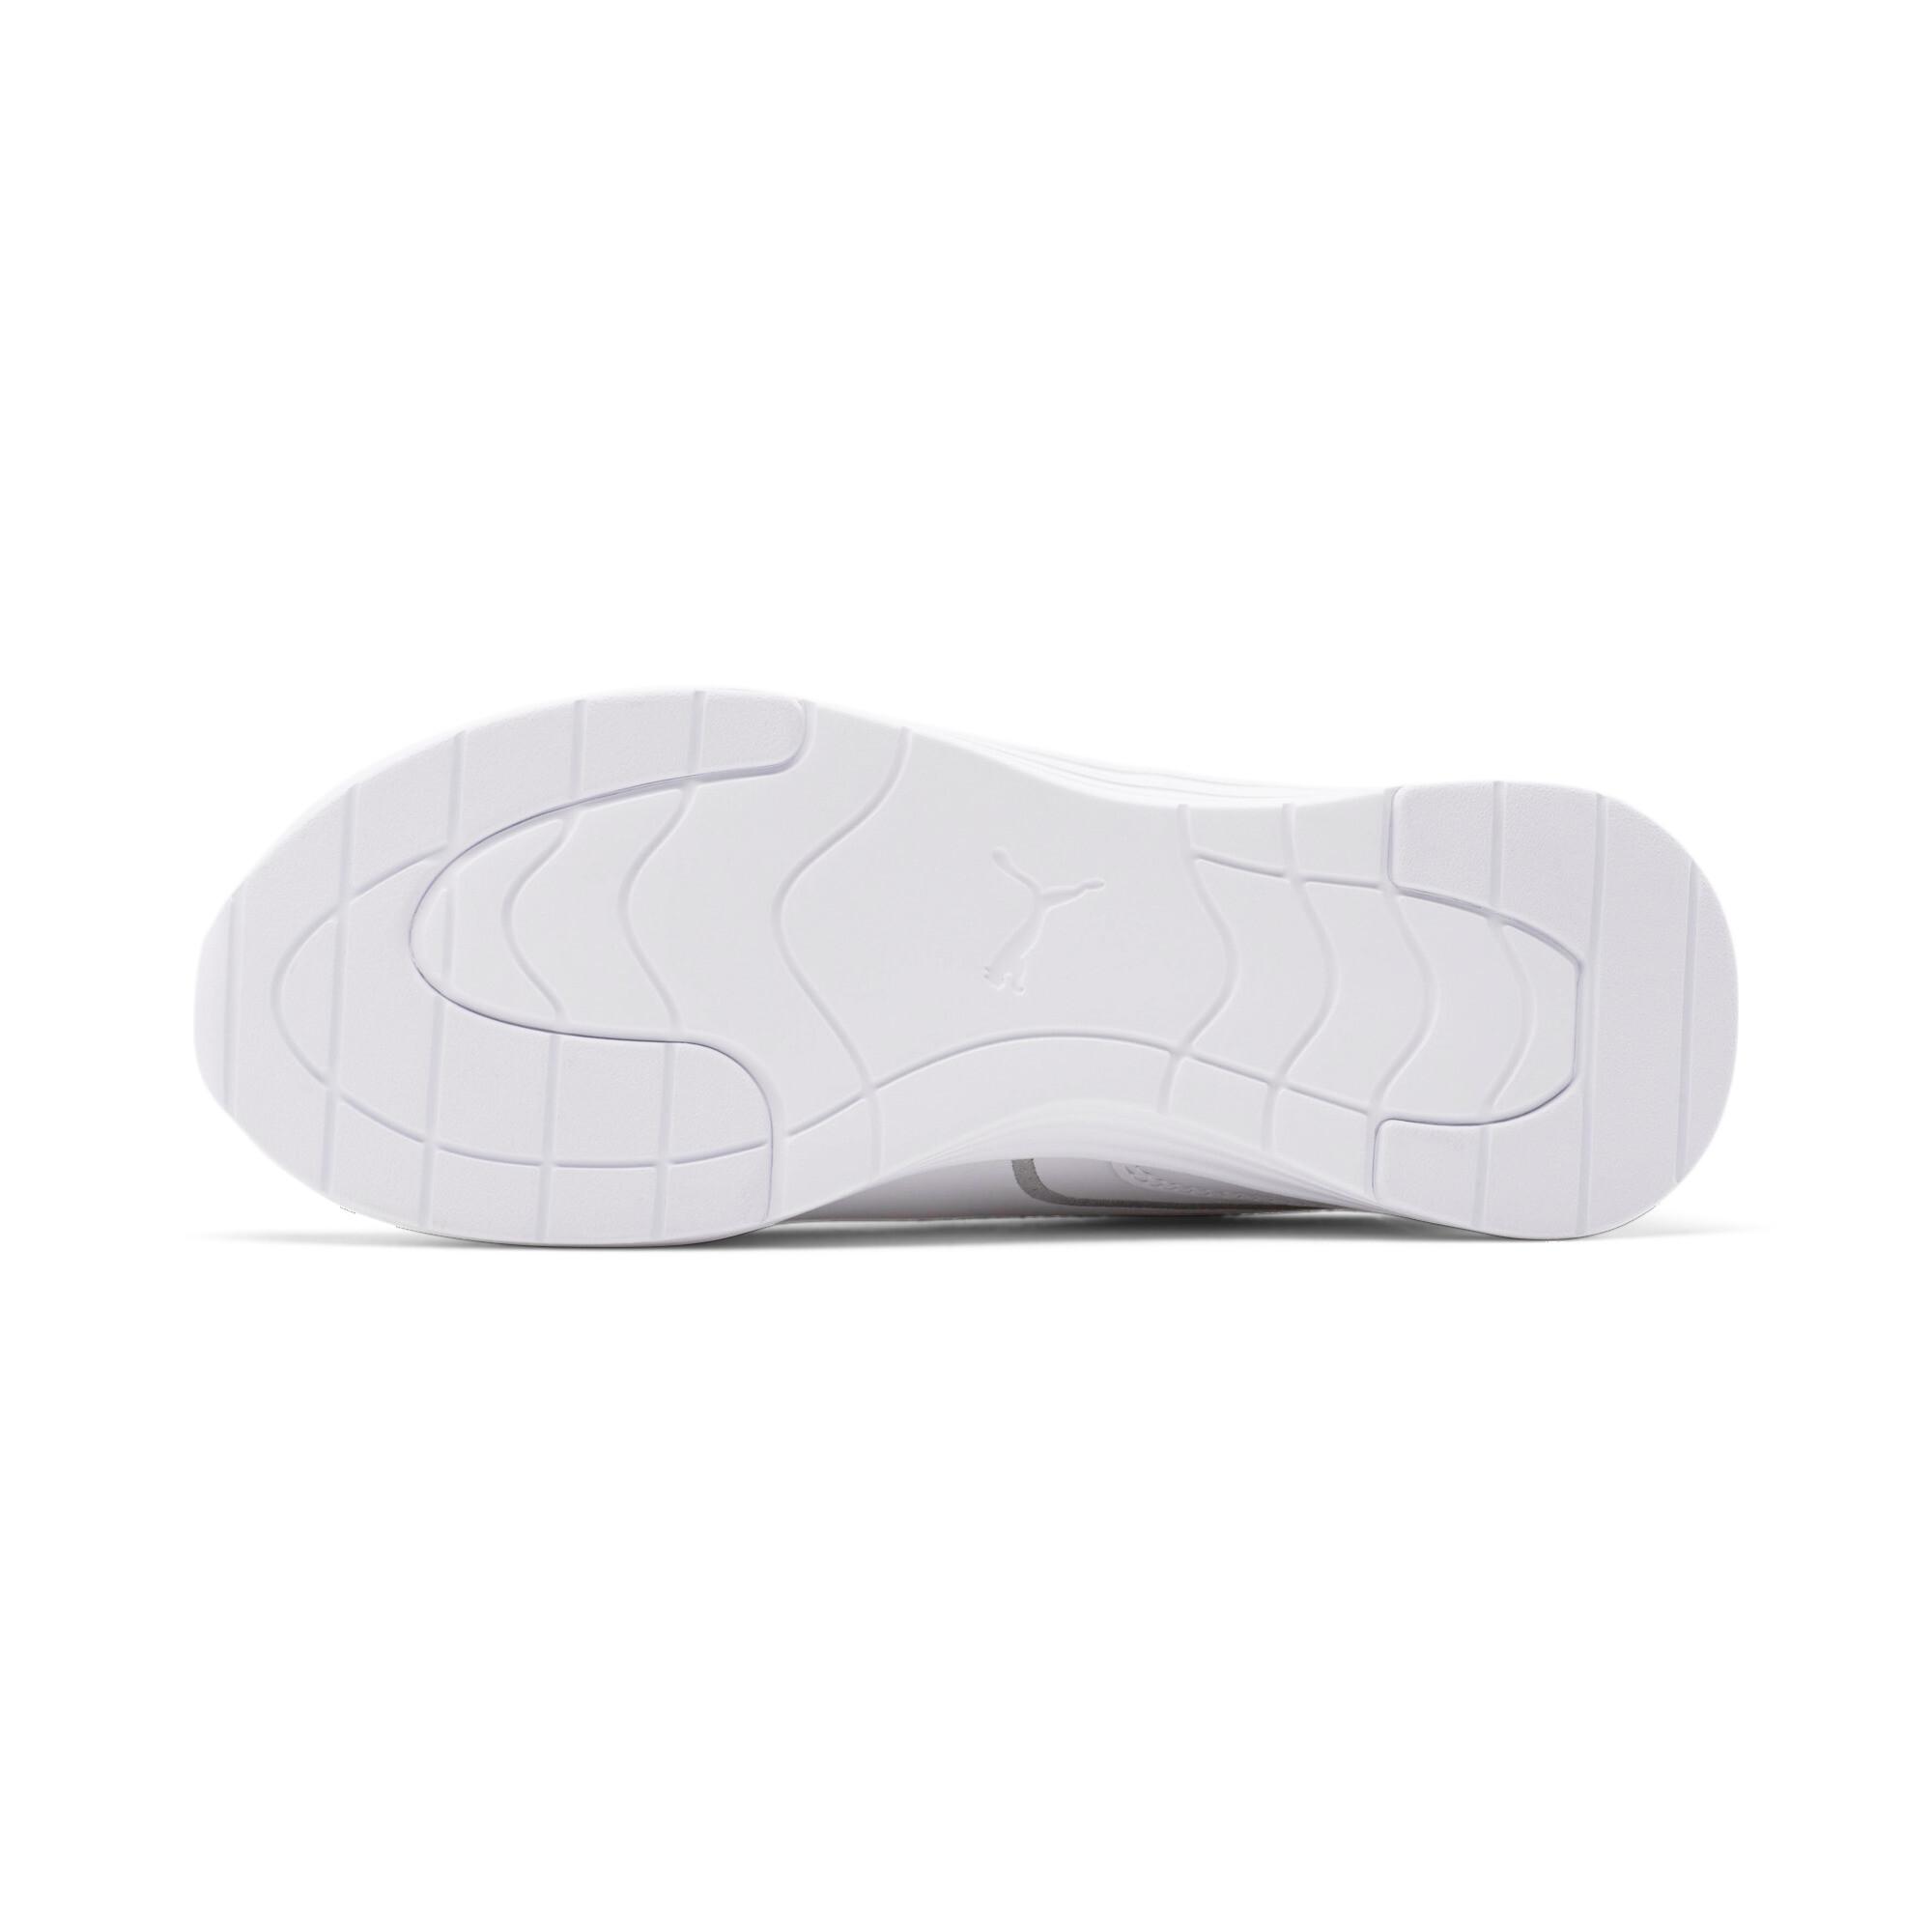 PUMA-Women-039-s-Ella-Lace-Up-Shoes thumbnail 5